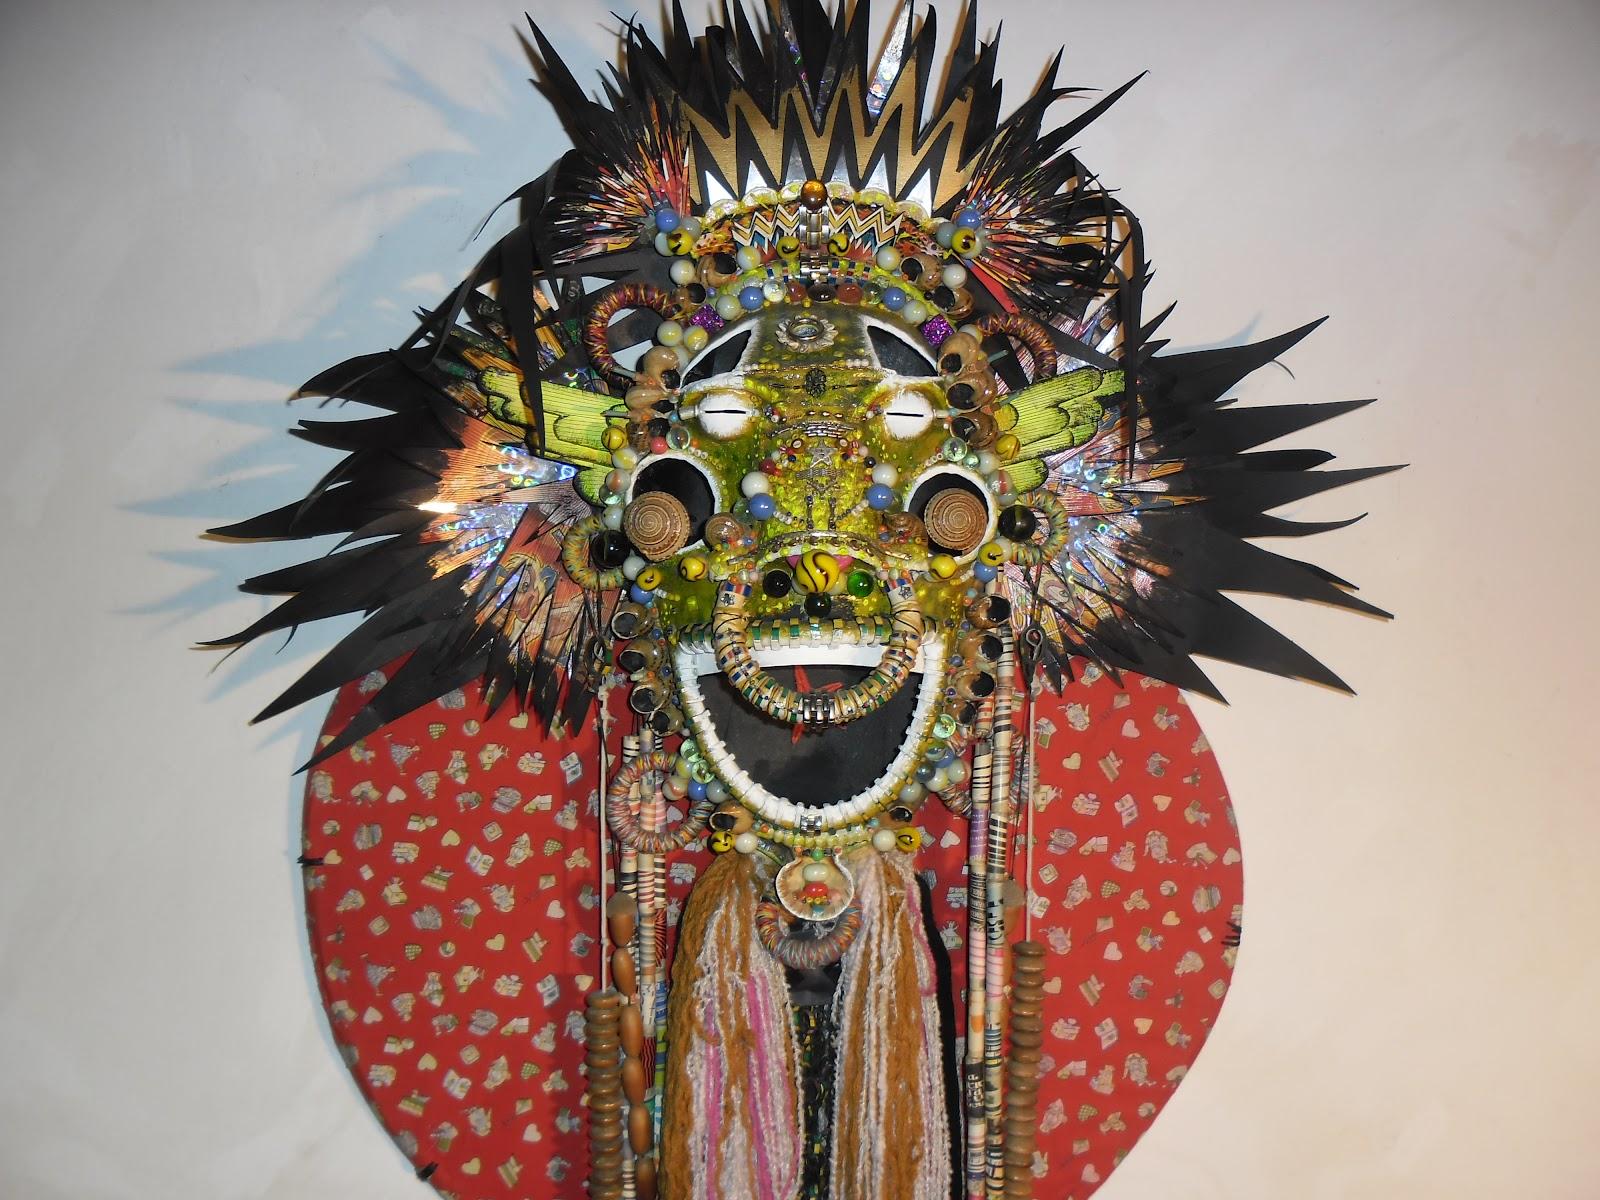 mascaras etnicas ethnic masks ethnic masks mascaras